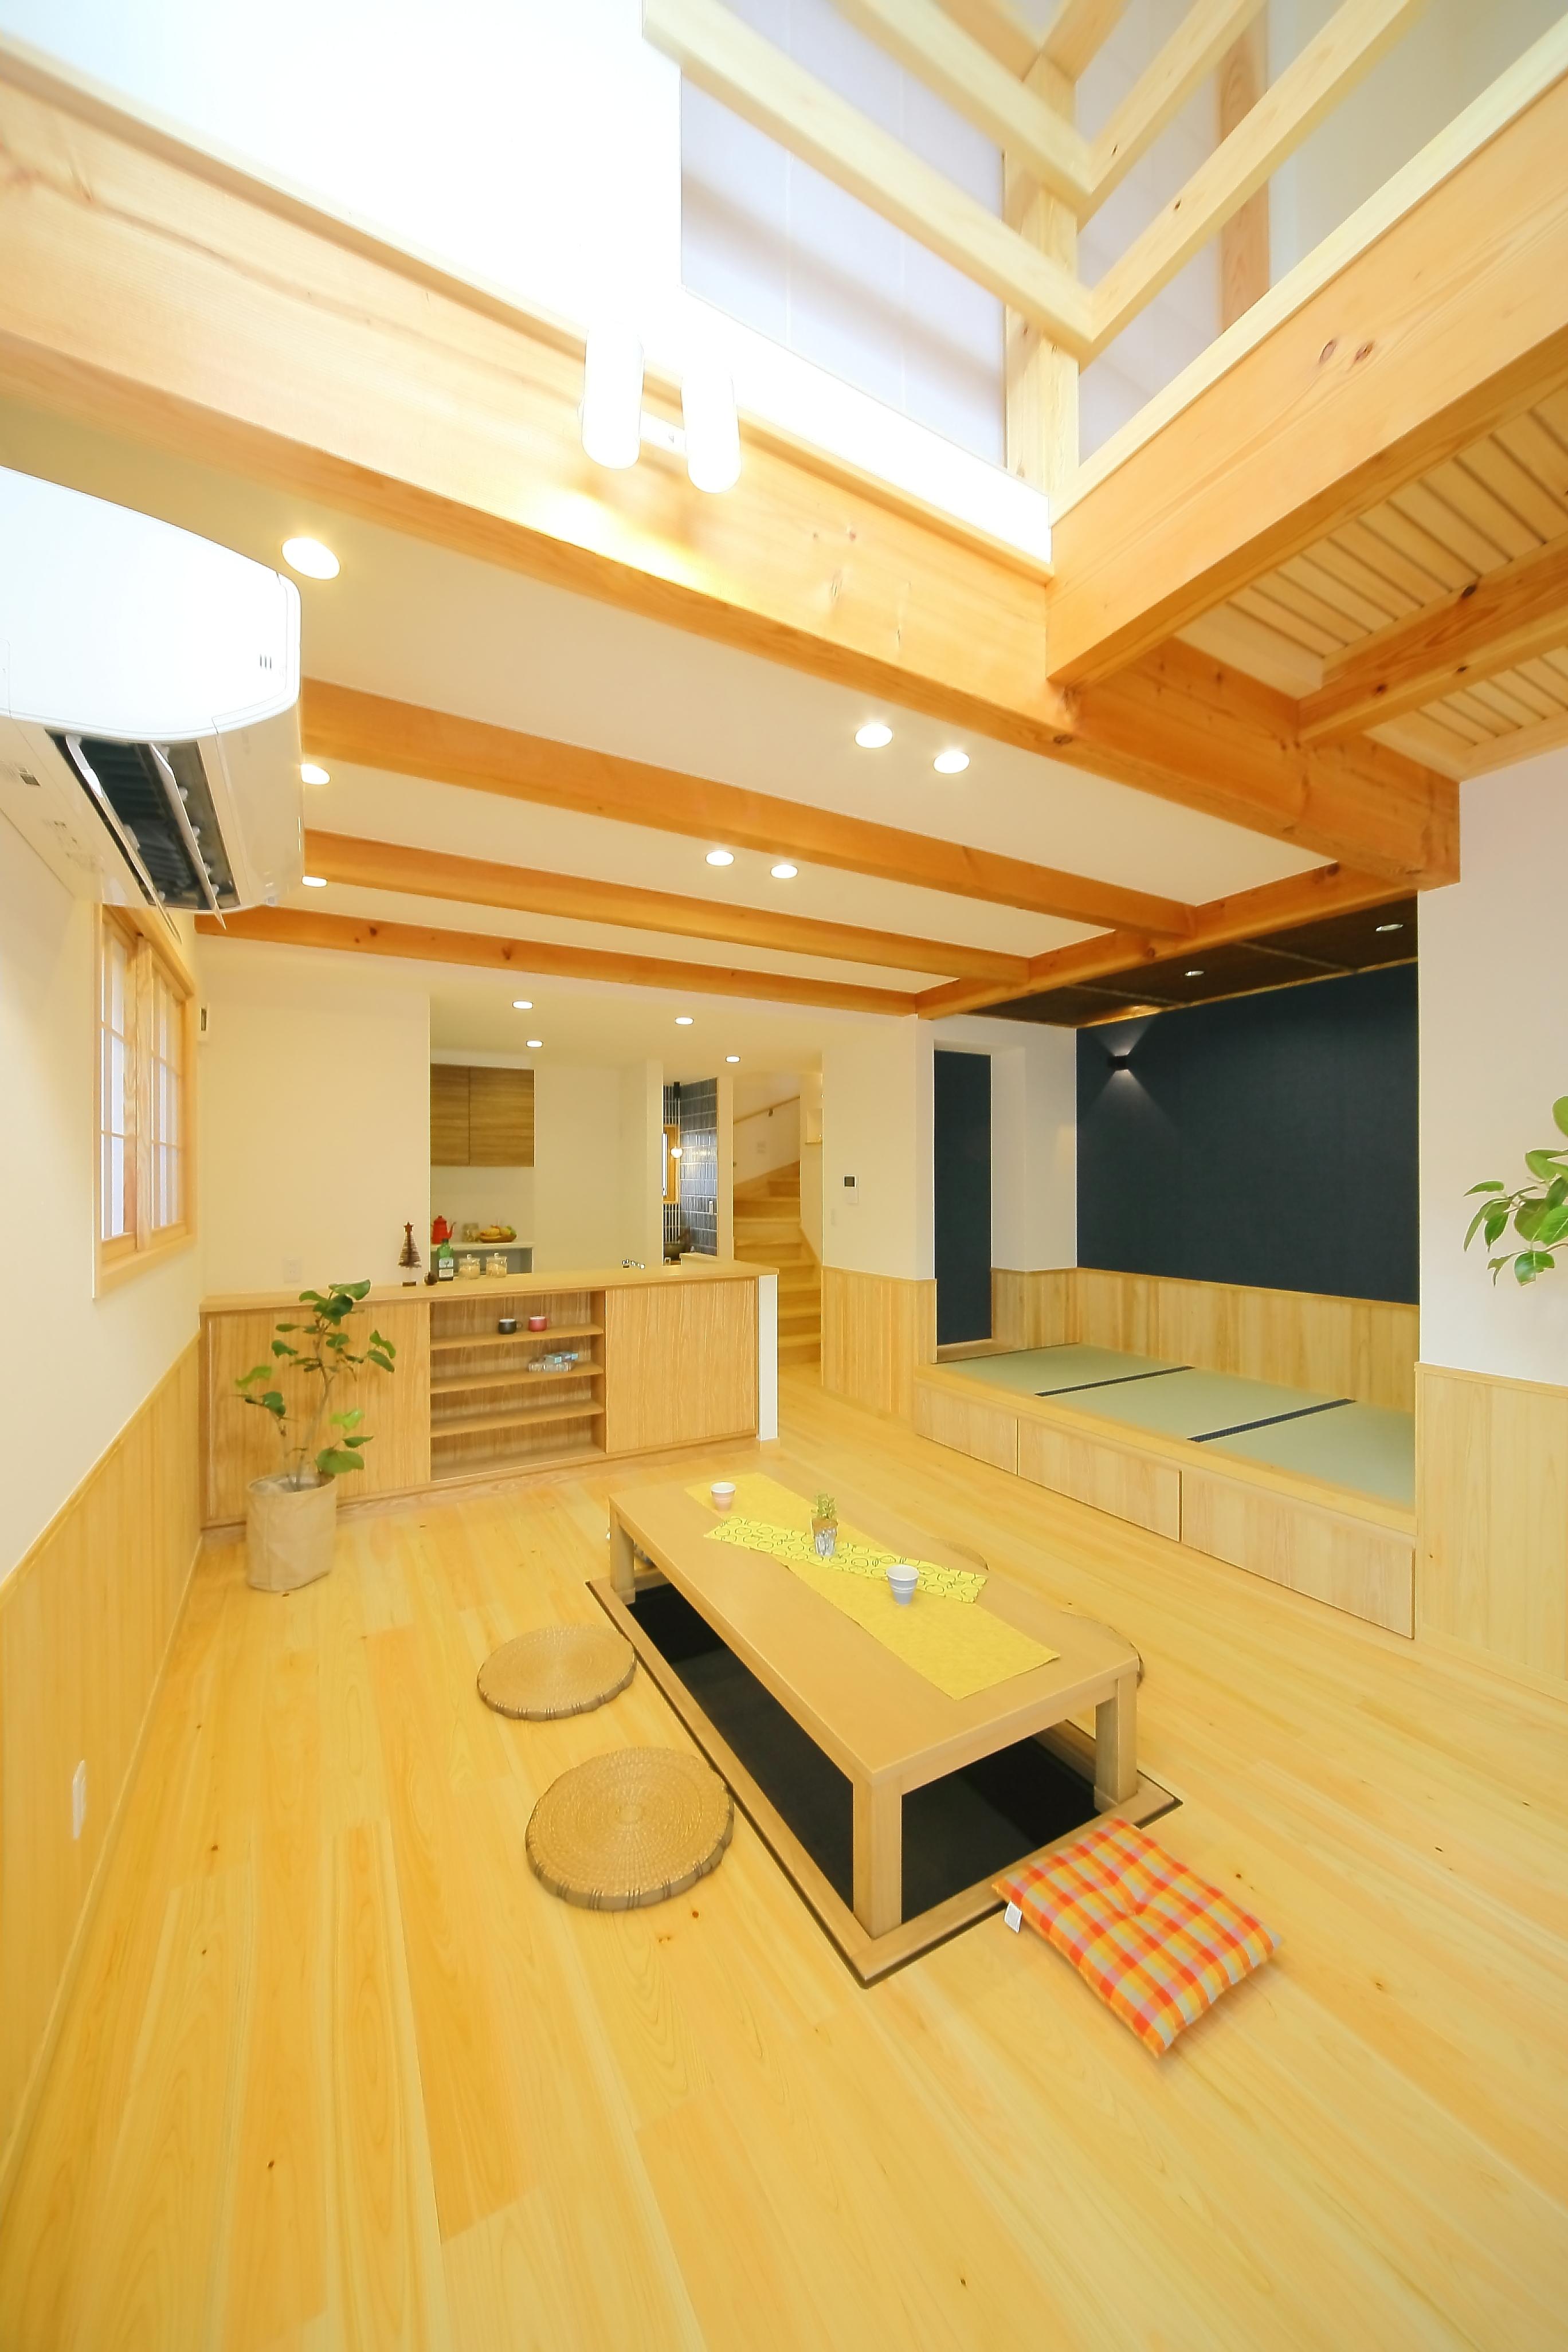 エコフィールド【二世帯住宅、自然素材、間取り】子世帯のLDK。掘りごたつと畳コーナーで「床座(とこざ)生活」を実現